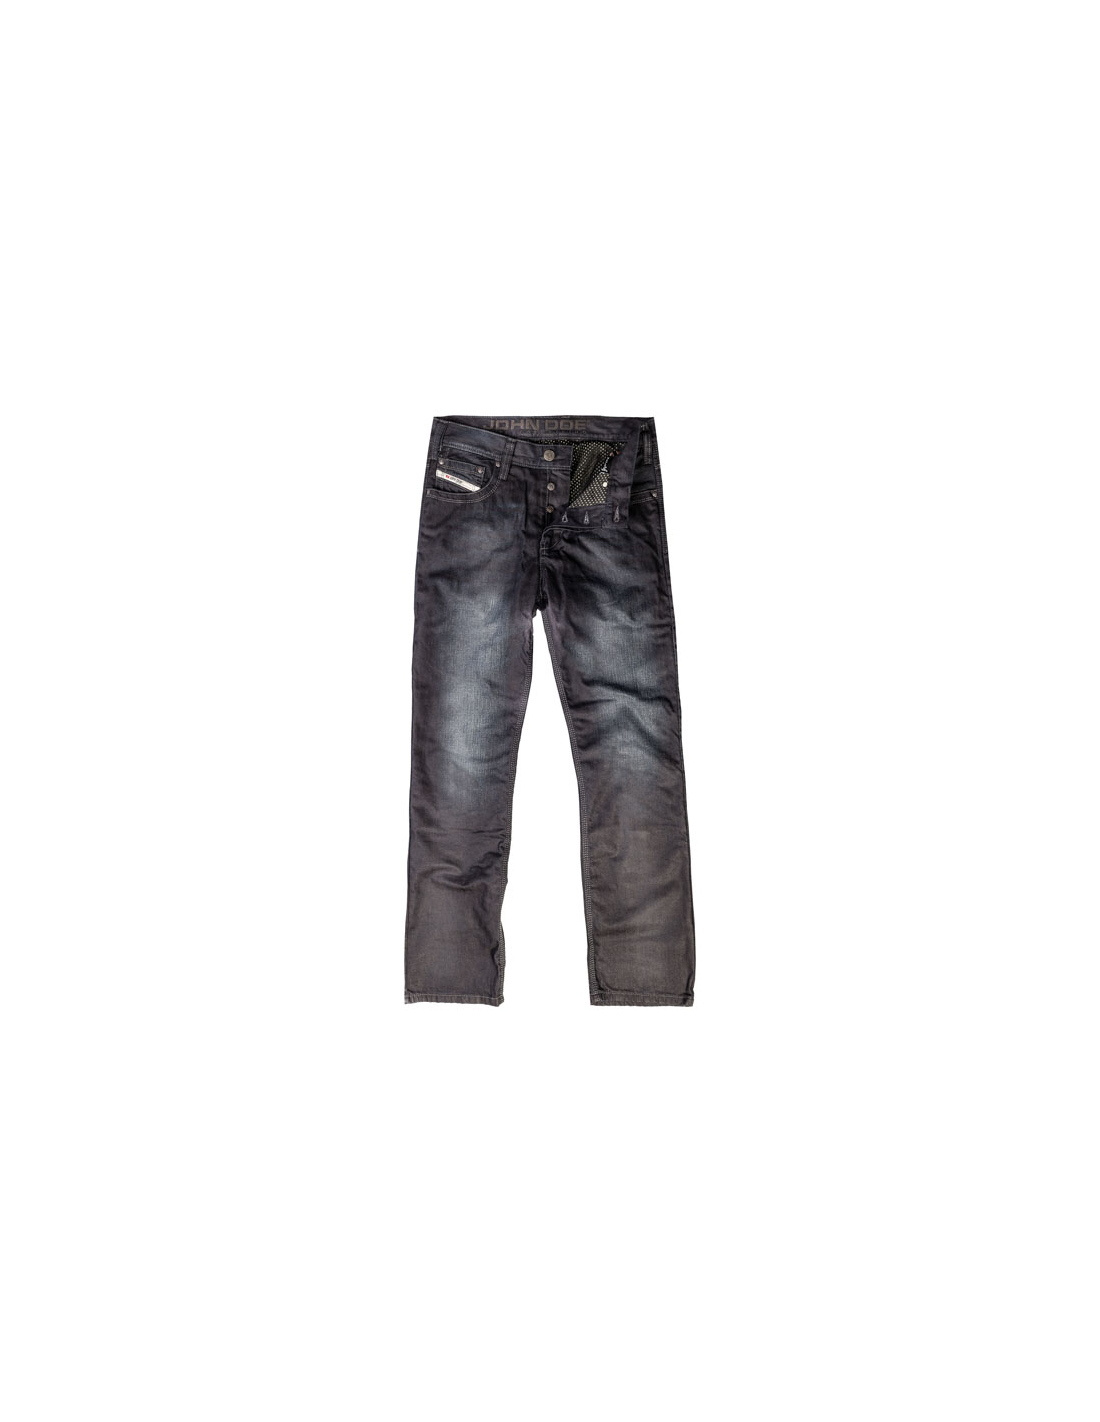 88a765ef1ff7 John Doe Jeans - Kamikaze Dunkelblau